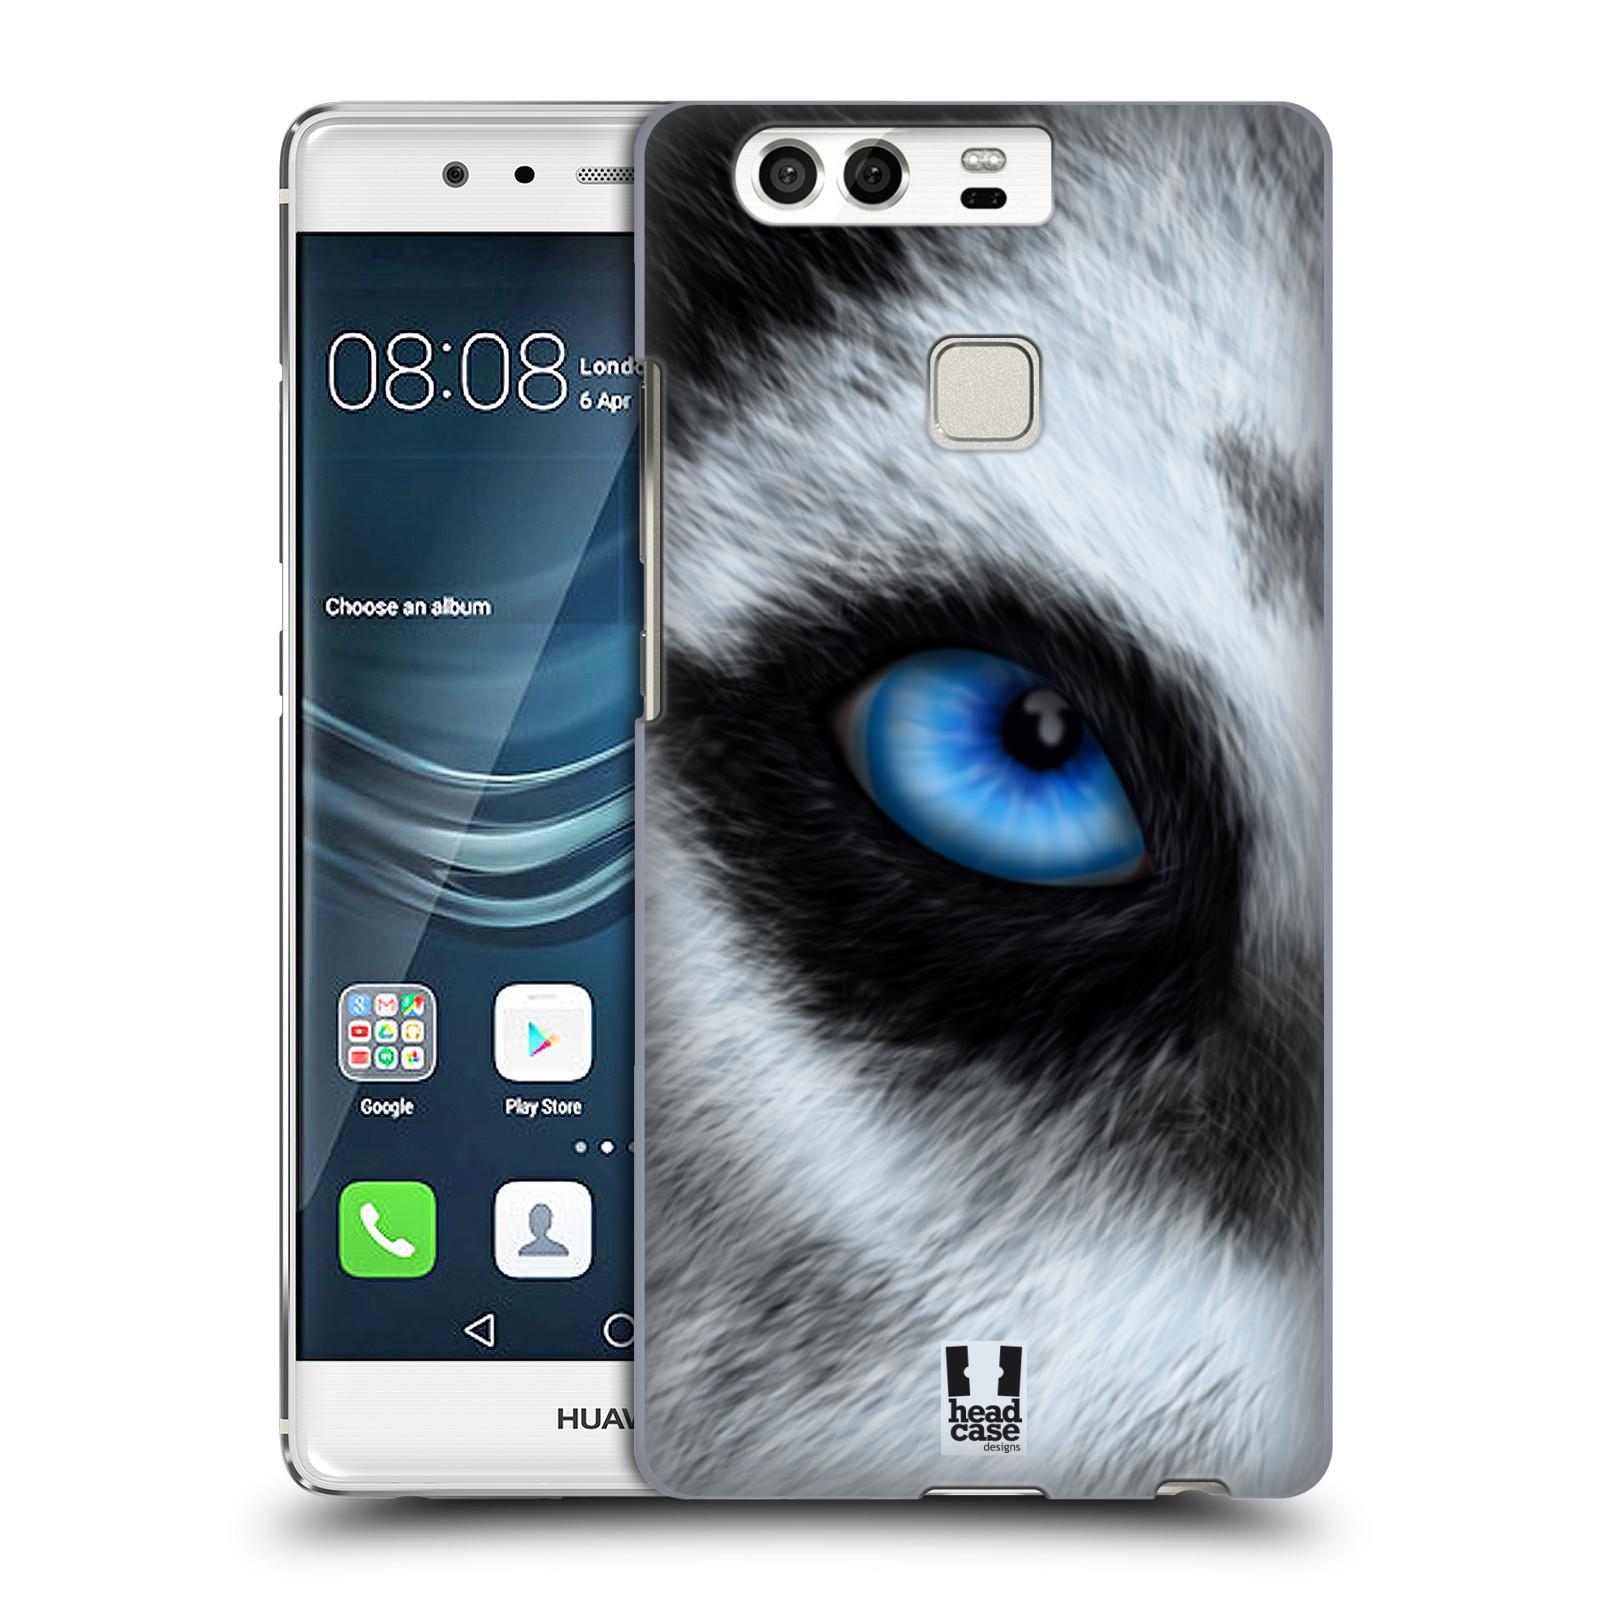 HEAD CASE plastový obal na mobil Huawei P9 / P9 DUAL SIM vzor pohled zvířete oko pes husky